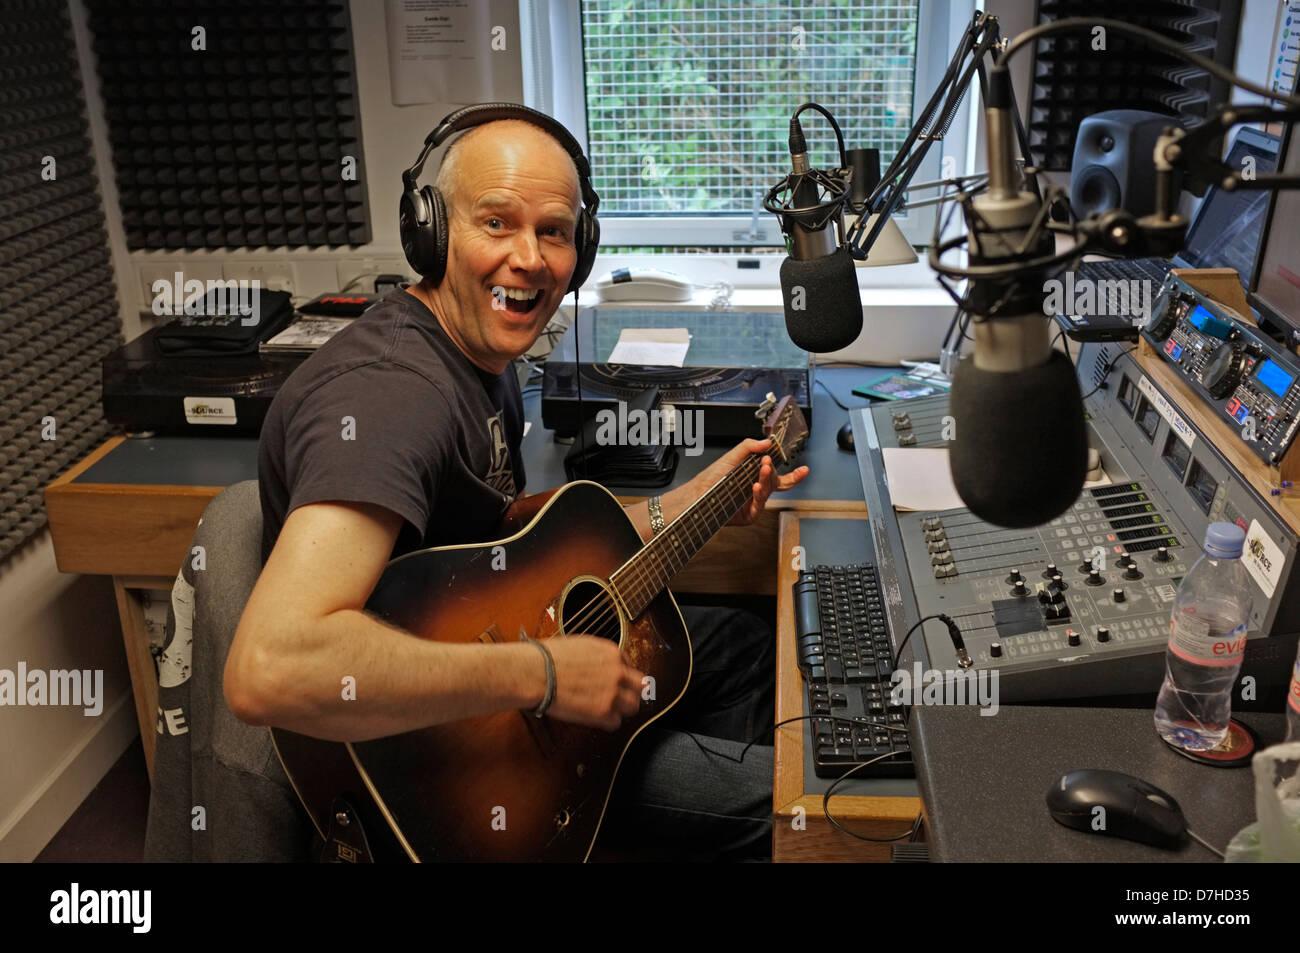 DJ d'une radio locale joue de la guitare dans son émission à la source 96.1 FM qui diffuse à Photo Stock